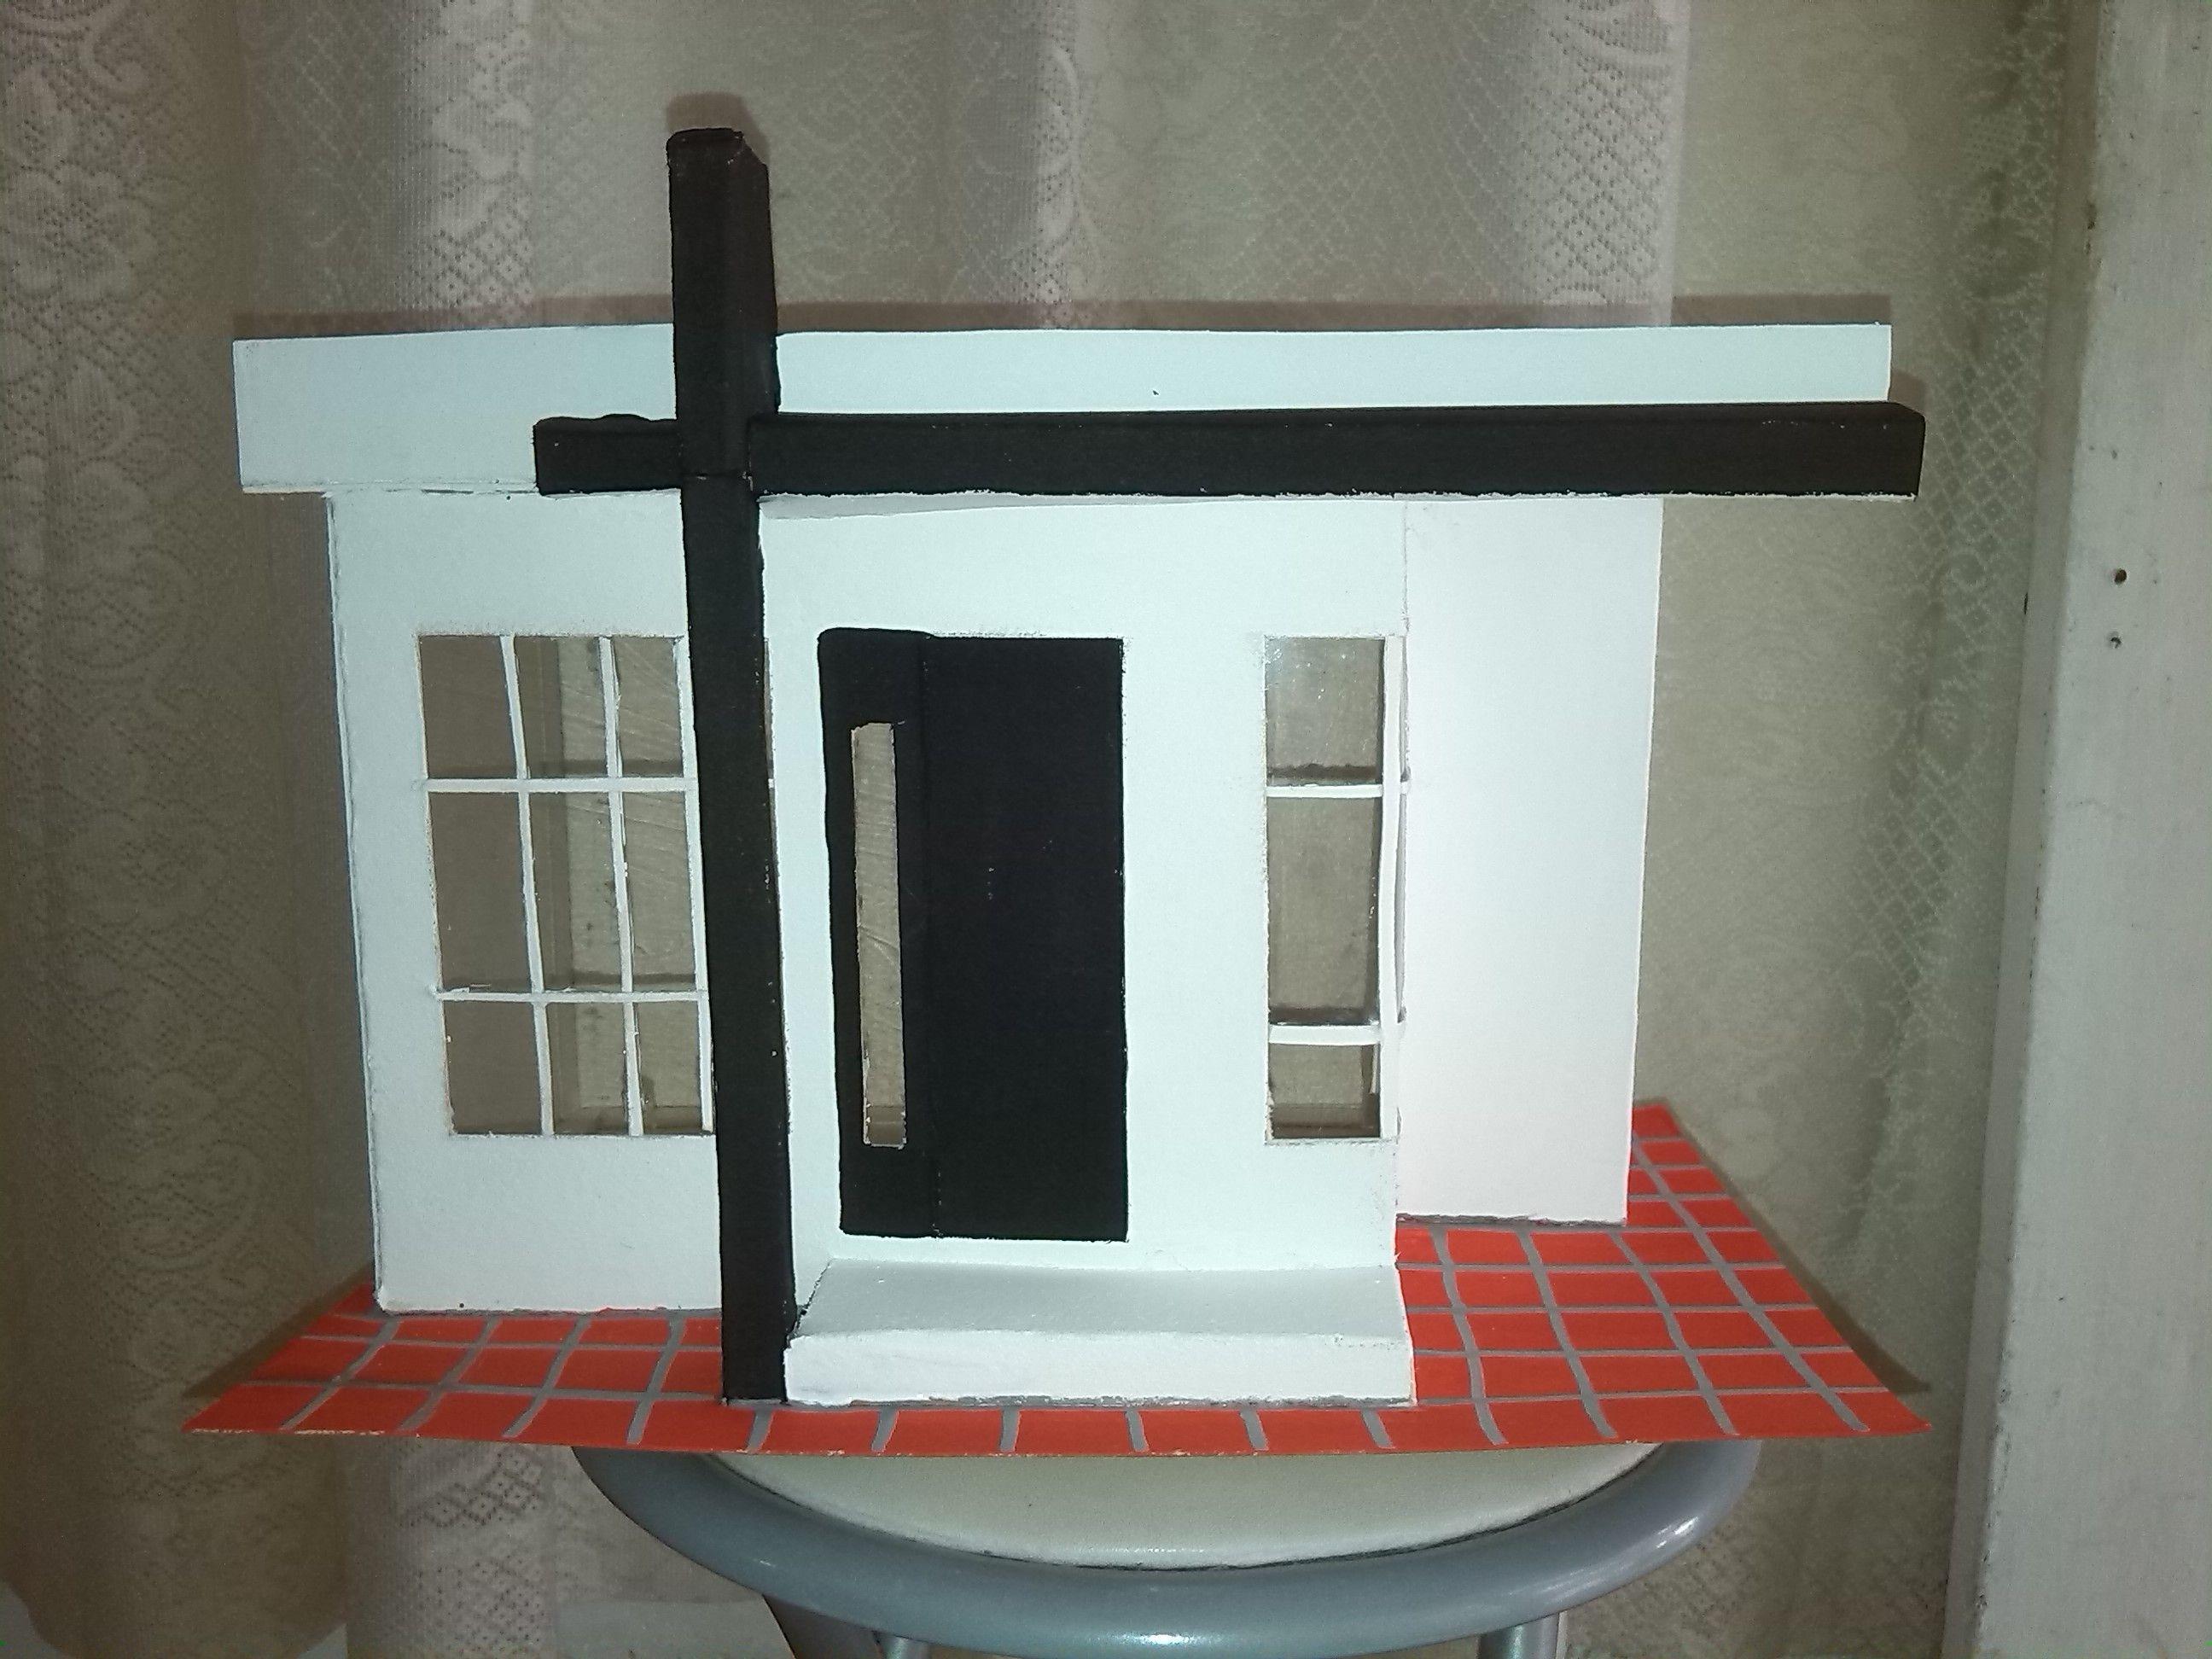 Maquetas escolares Fachada de casas, elaborada en material ...